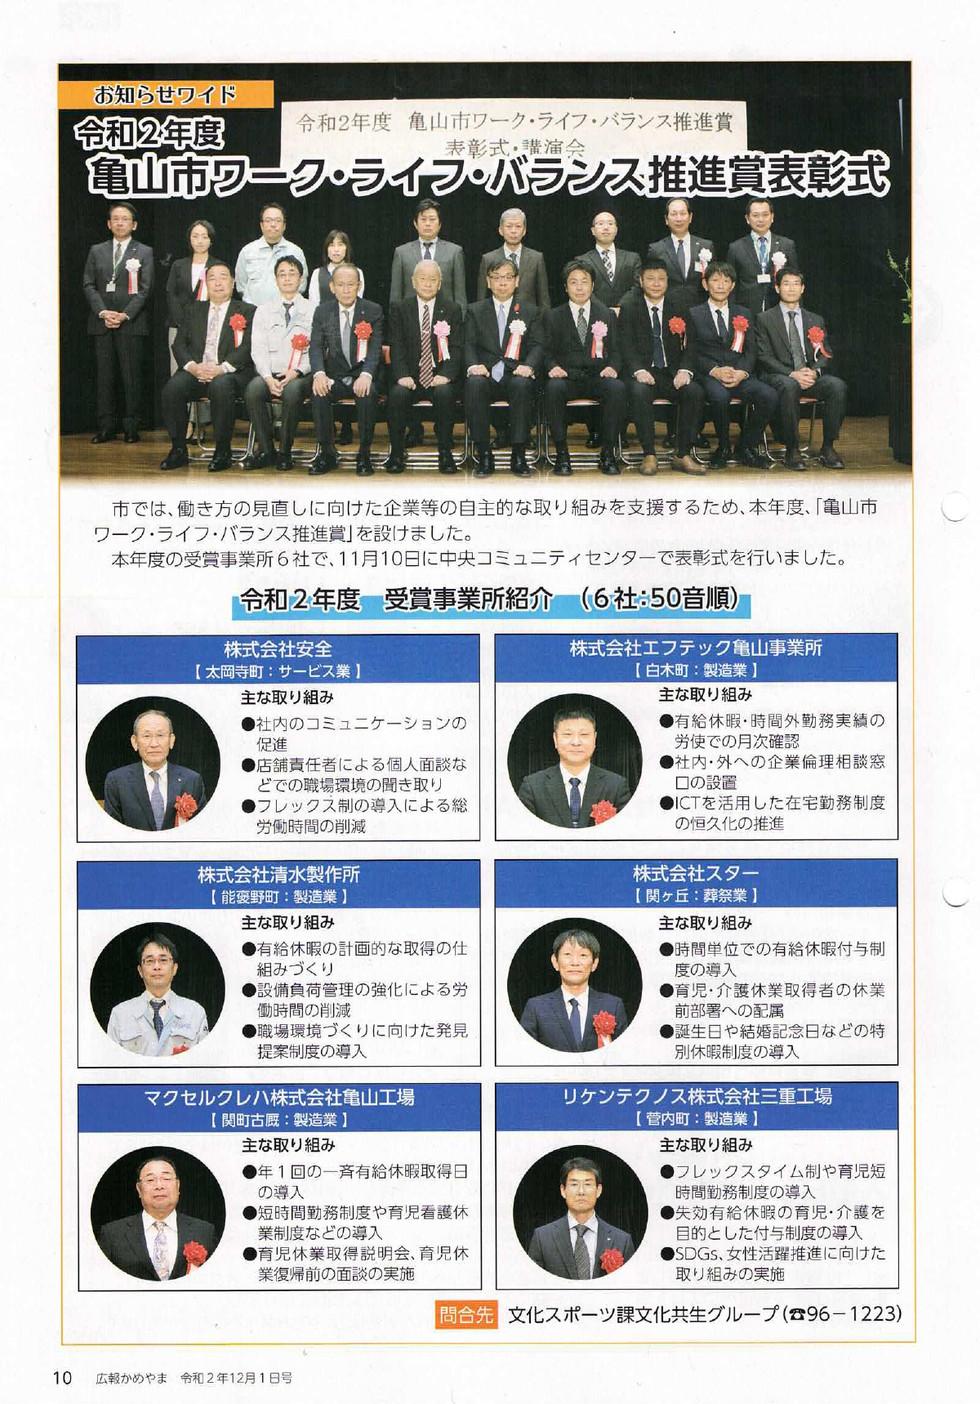 亀山市 広報_page-0002.jpg